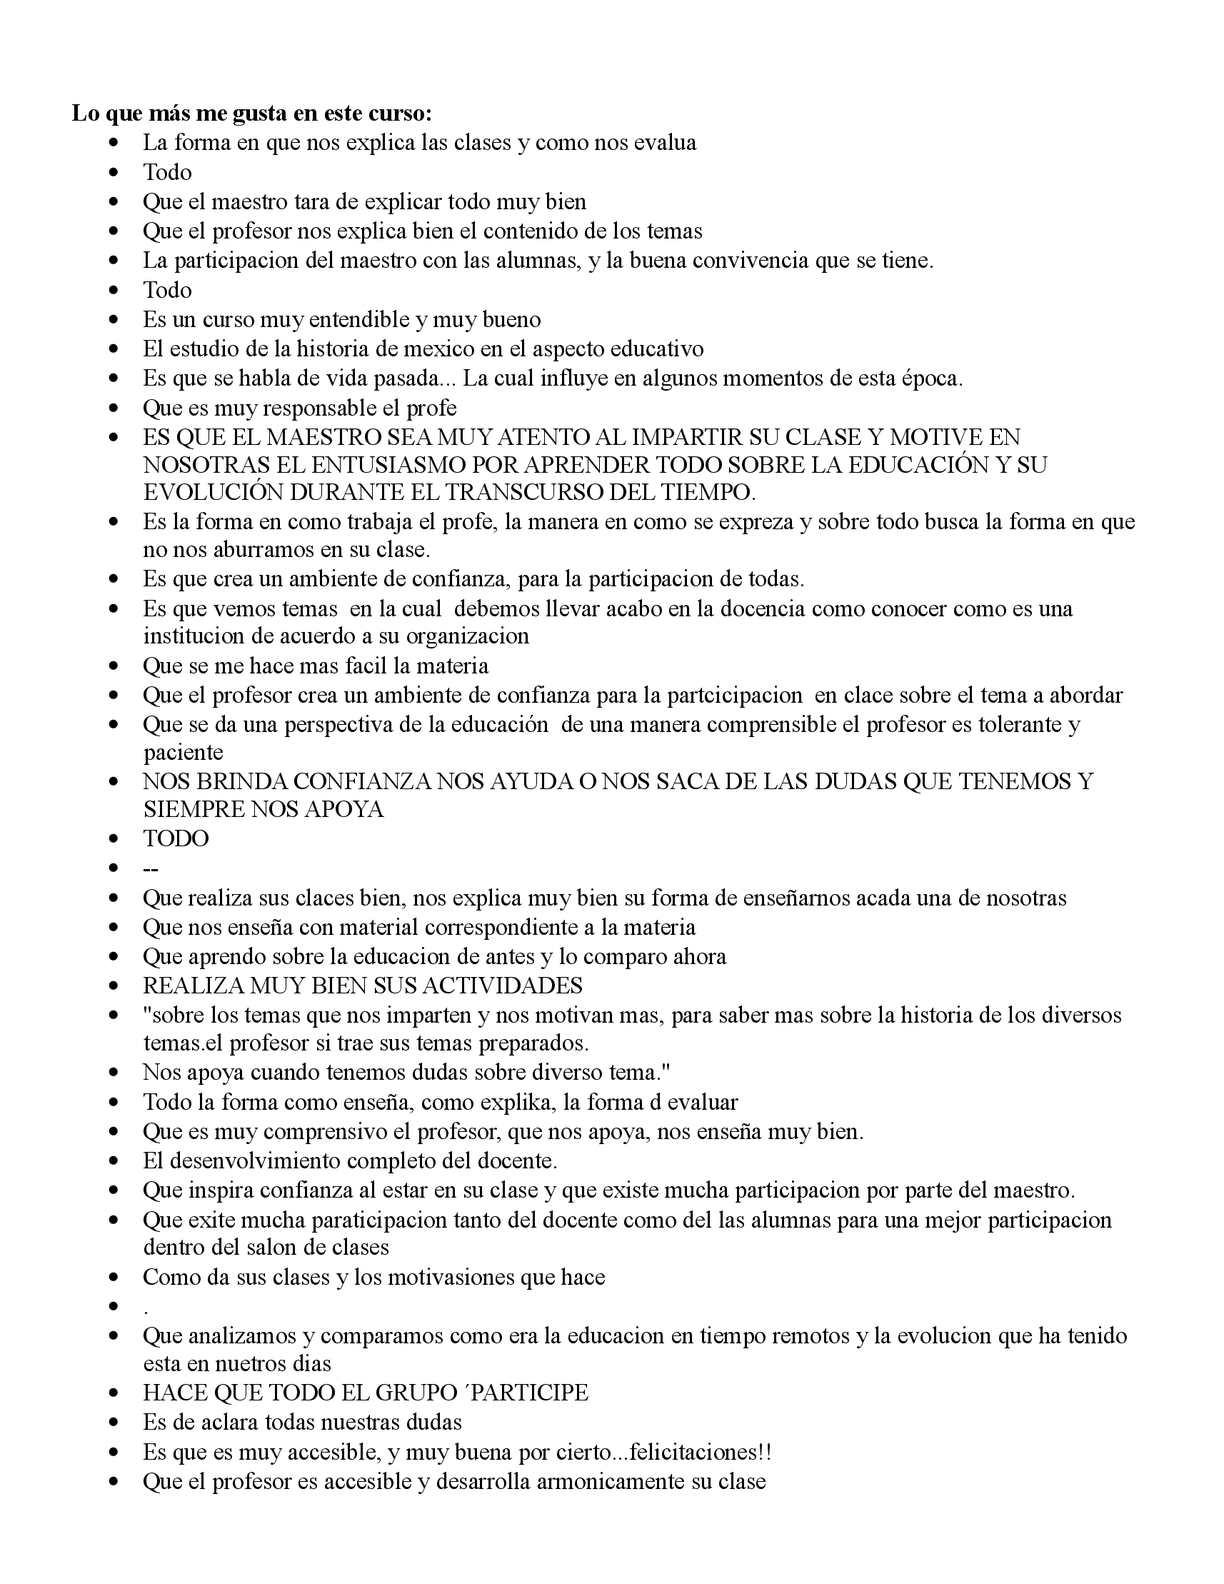 Calaméo - Gráficas evaluación docente 1012